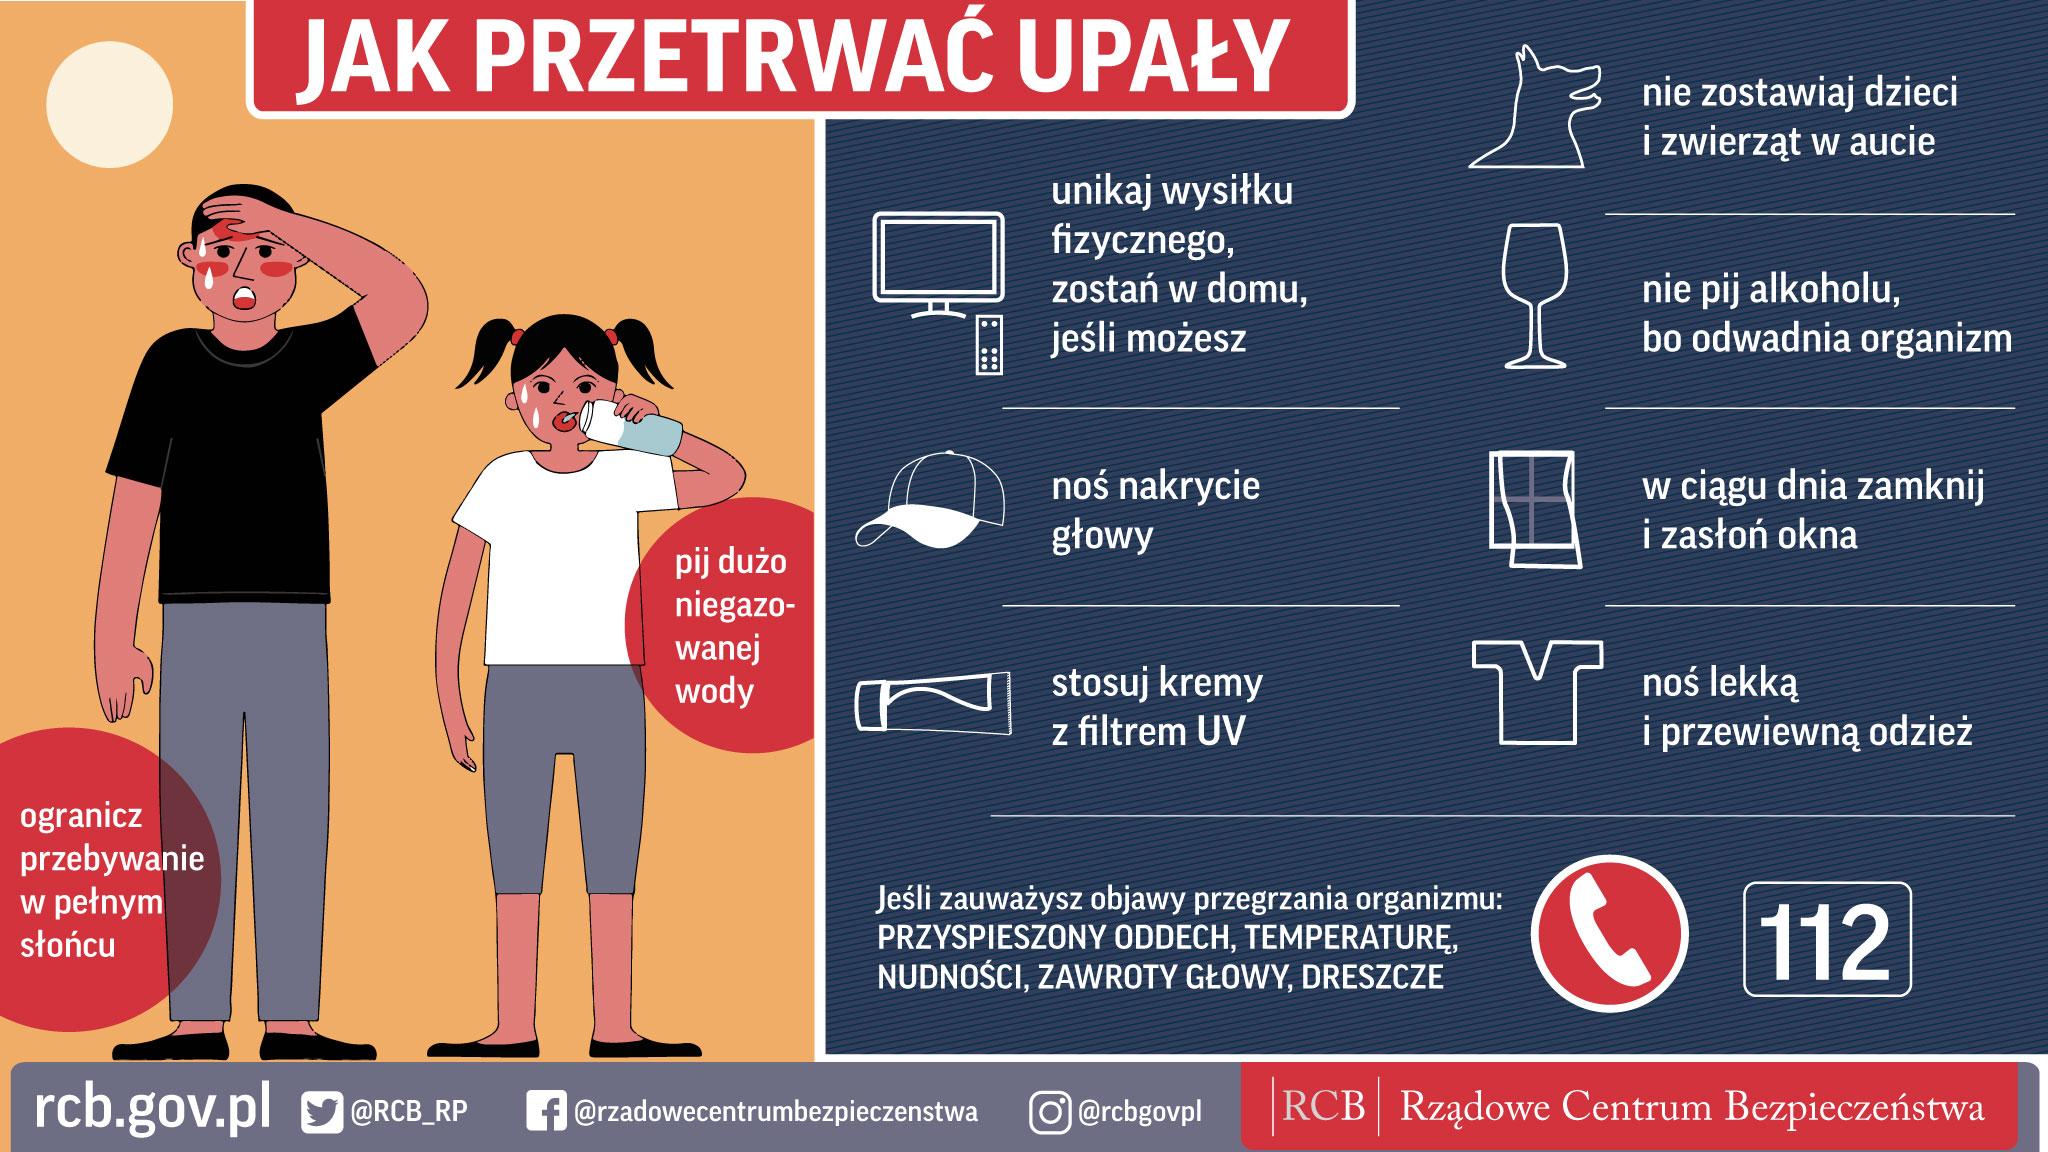 Infografika dotycząca bezpiecznych zachowań podczas upału: - ogranicz przebywanie w pełnym słońcu, - pij dużo niegazowanej wody, - unikaj wysiłku fizycznego, zostań w domu jeśli możesz, - noś nakrycie głowy, - stosuj kremy z filtrem UV, - nie zostawiaj dzieci i zwierząt w aucie, - nie pij alkoholu – odwadnia organizm, - w ciągu dnia zamknij i zasłoń okna, - noś lekką i przewiewną odzież.